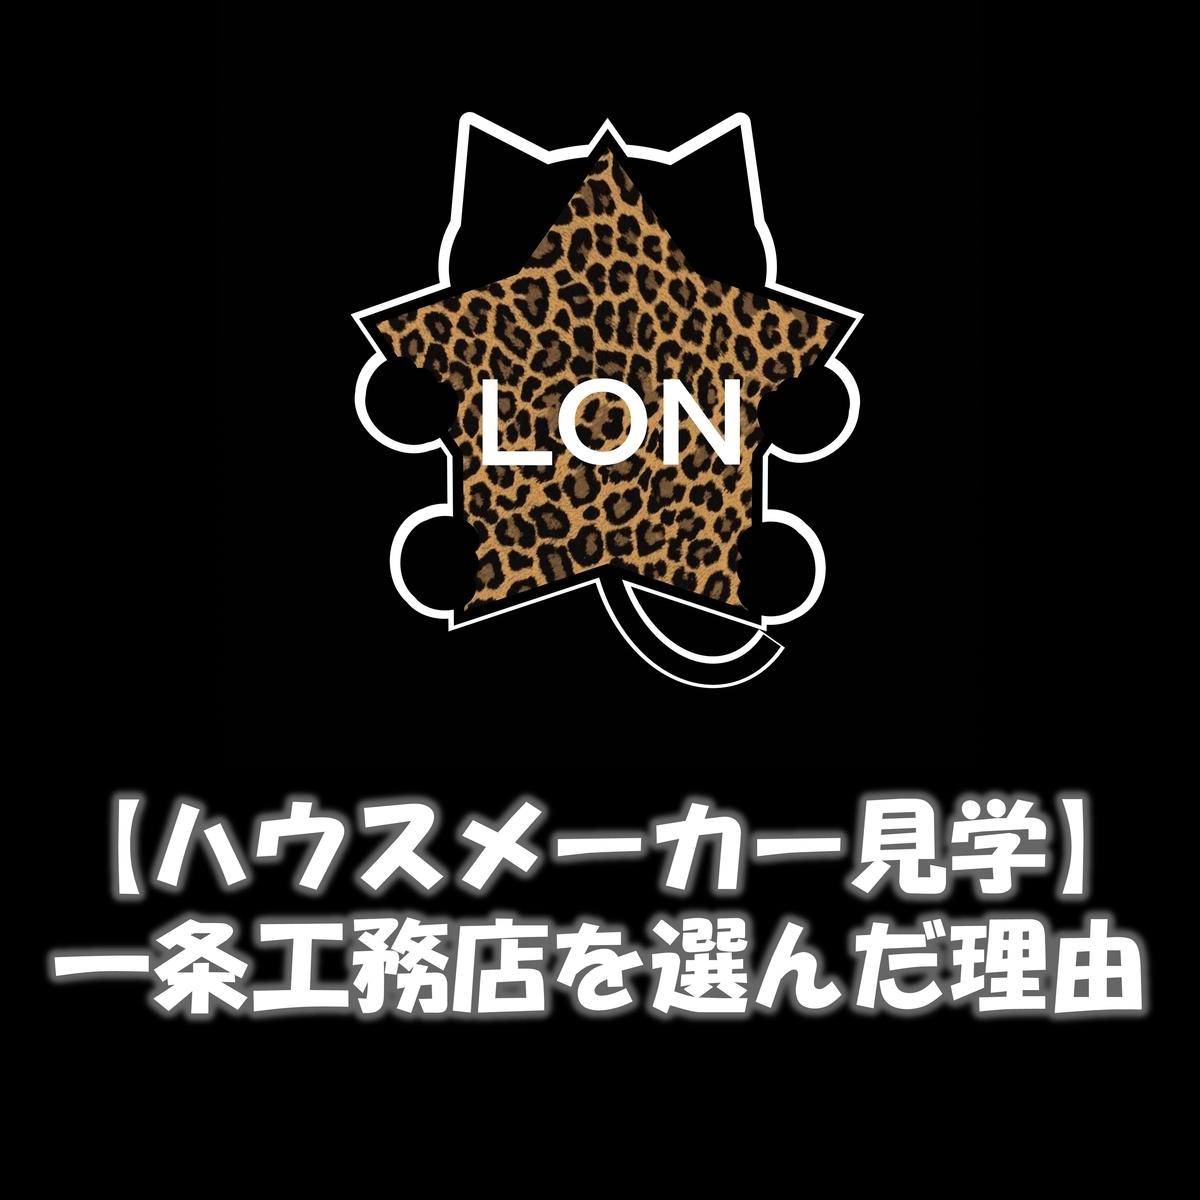 f:id:lon_blackcat:20201003010520j:plain